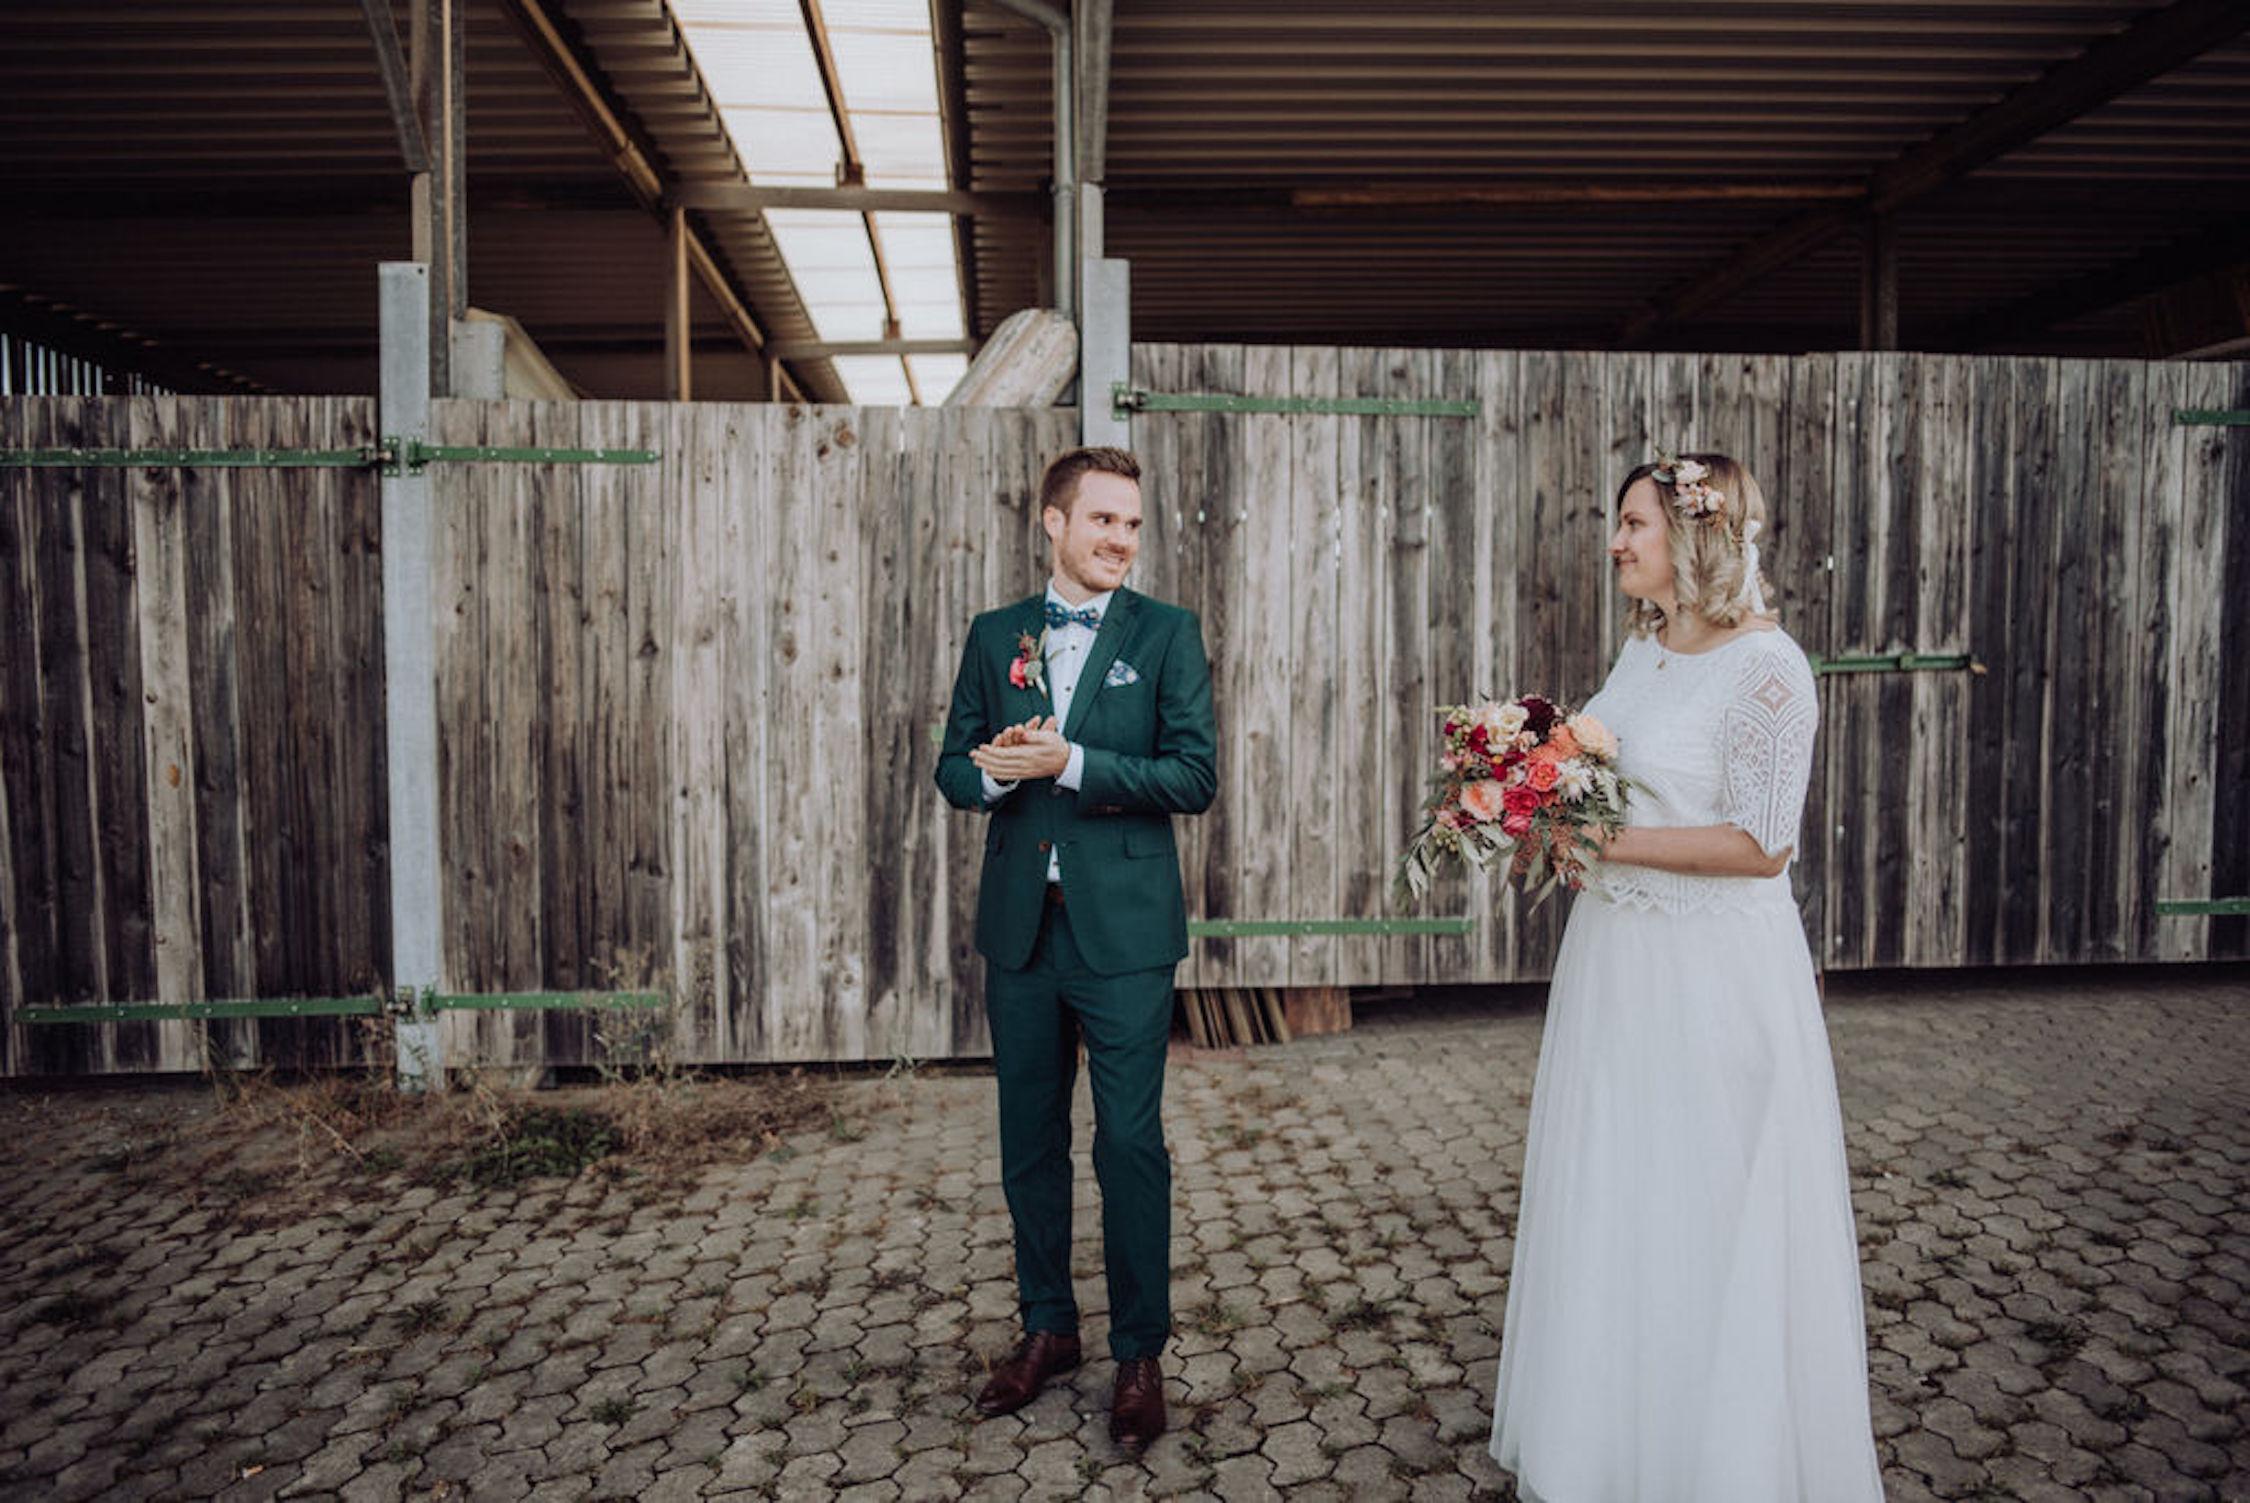 Schlichtes Boho Brautkleid mit Spitzentop und Tüllrock (Foto: Candida & Max Jan Photography)